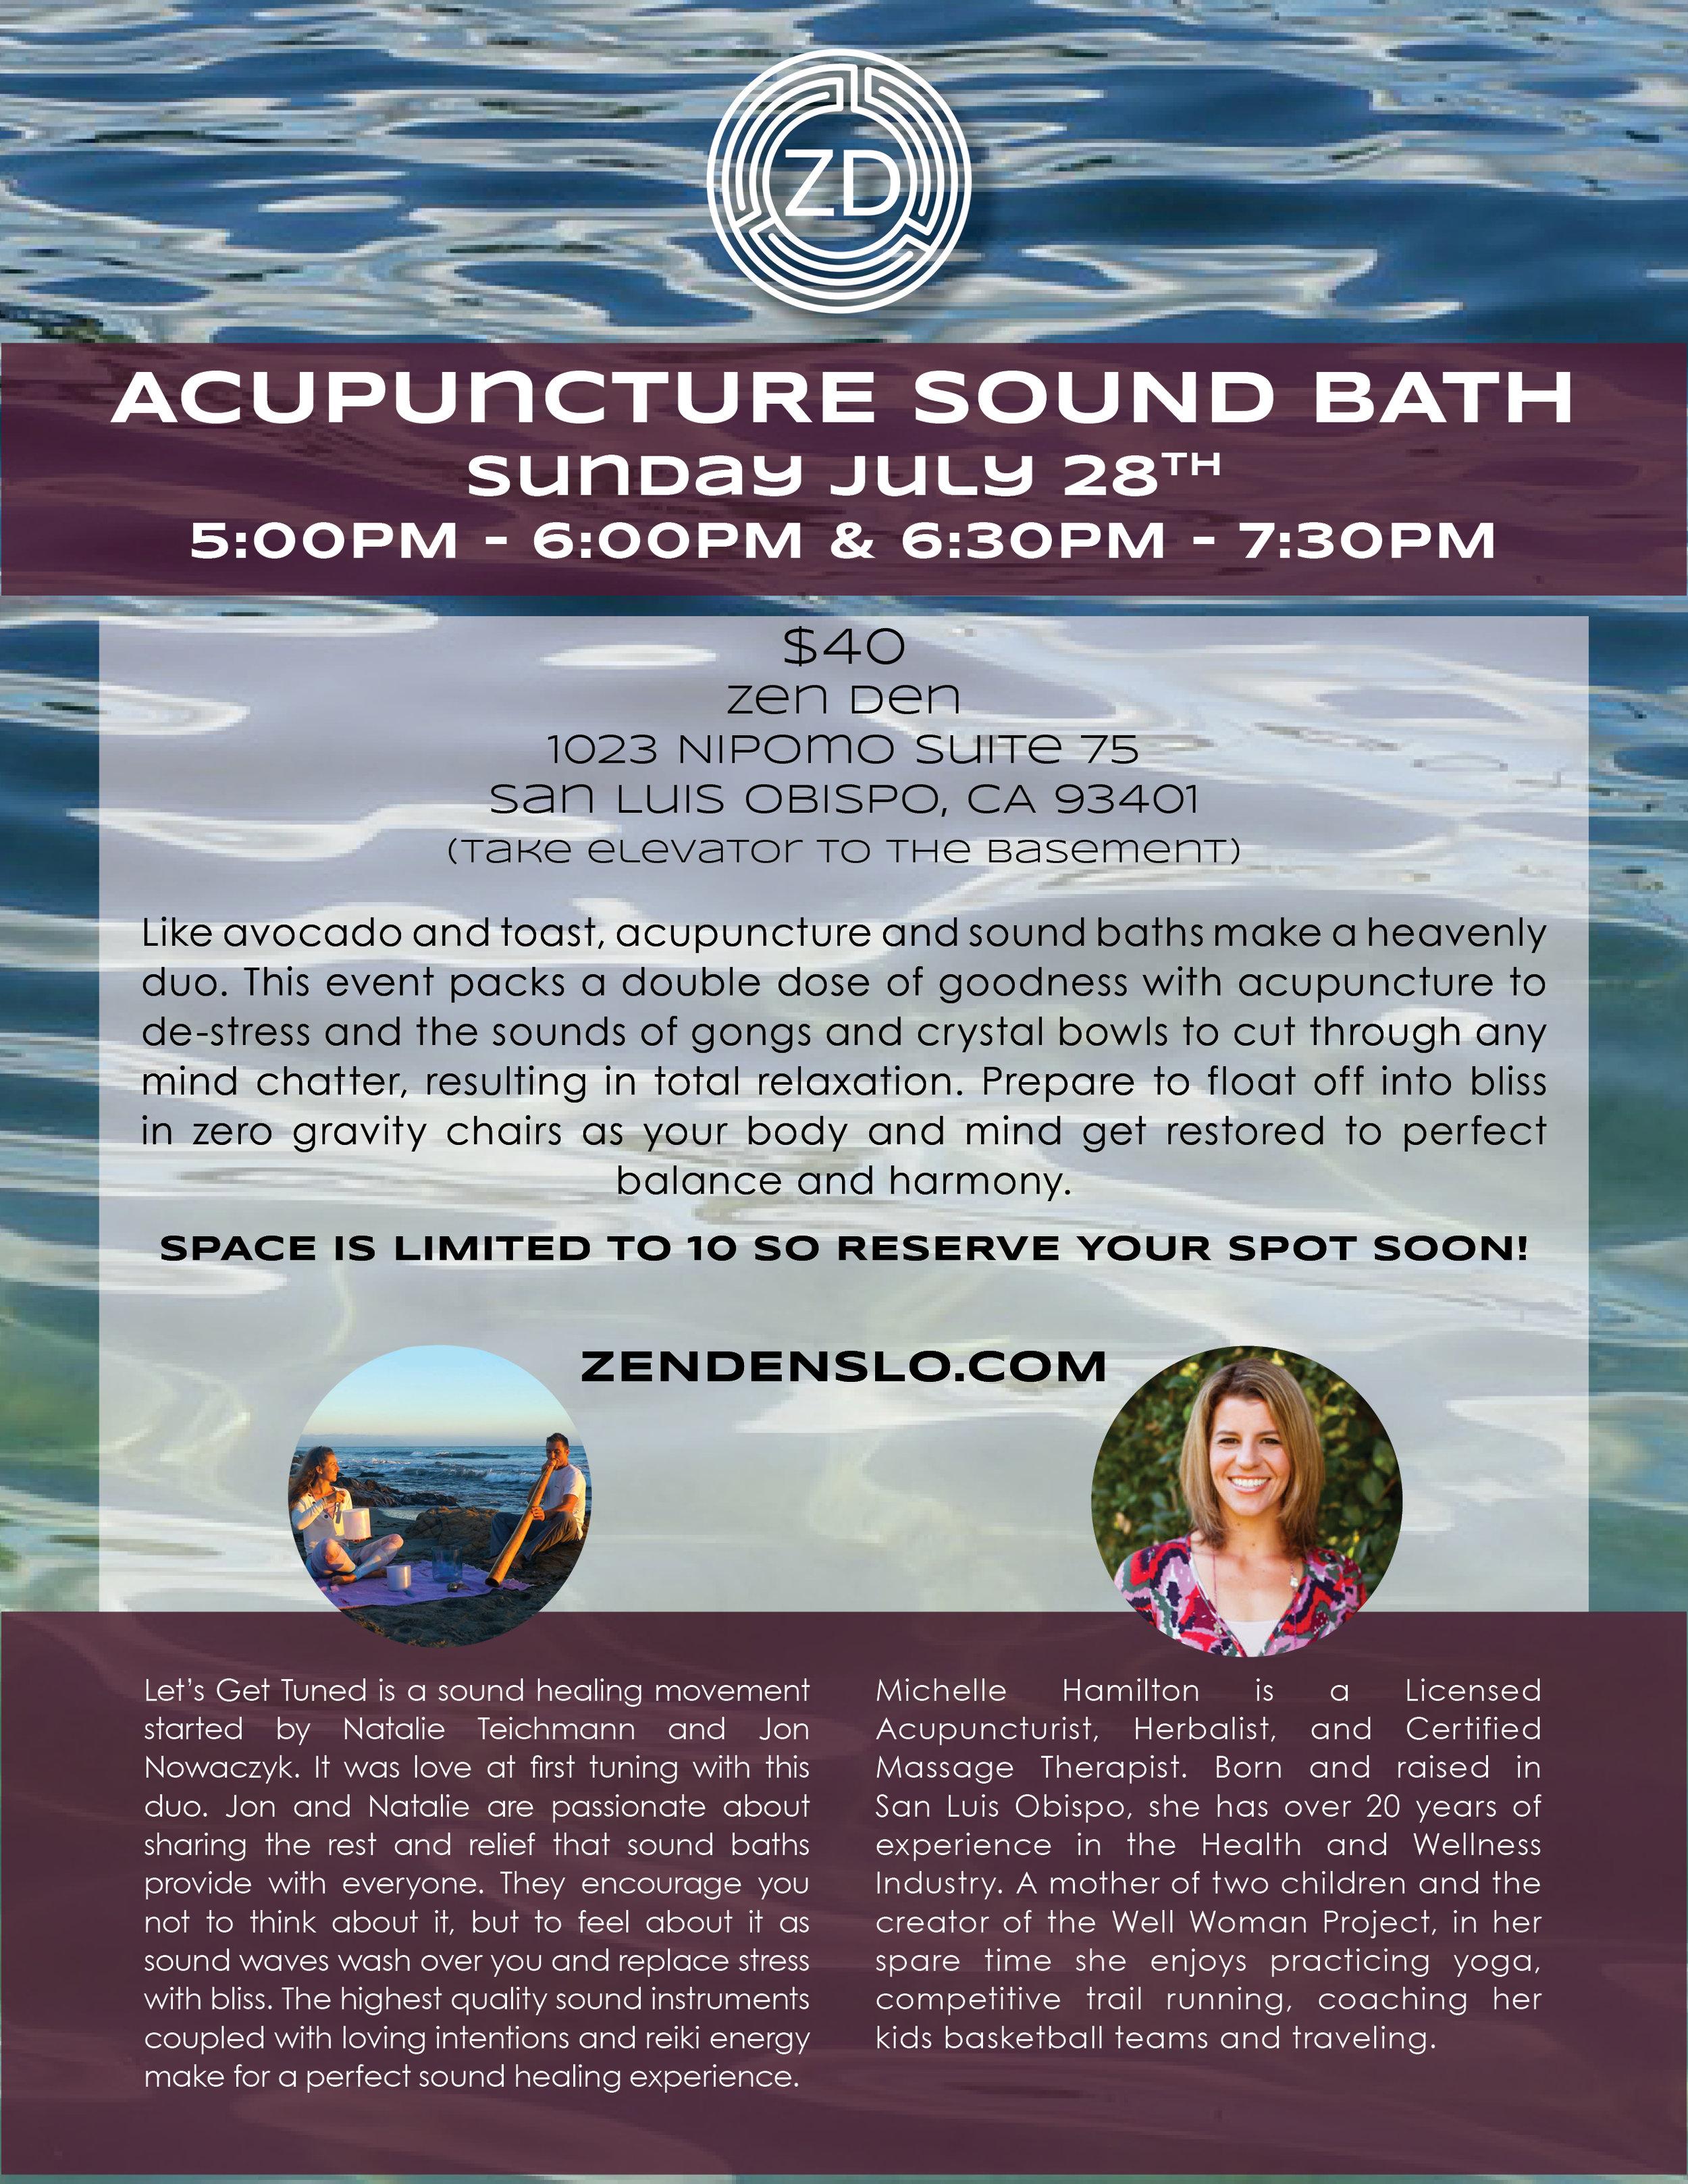 San Luis Obispo Soundbath Acupuncture